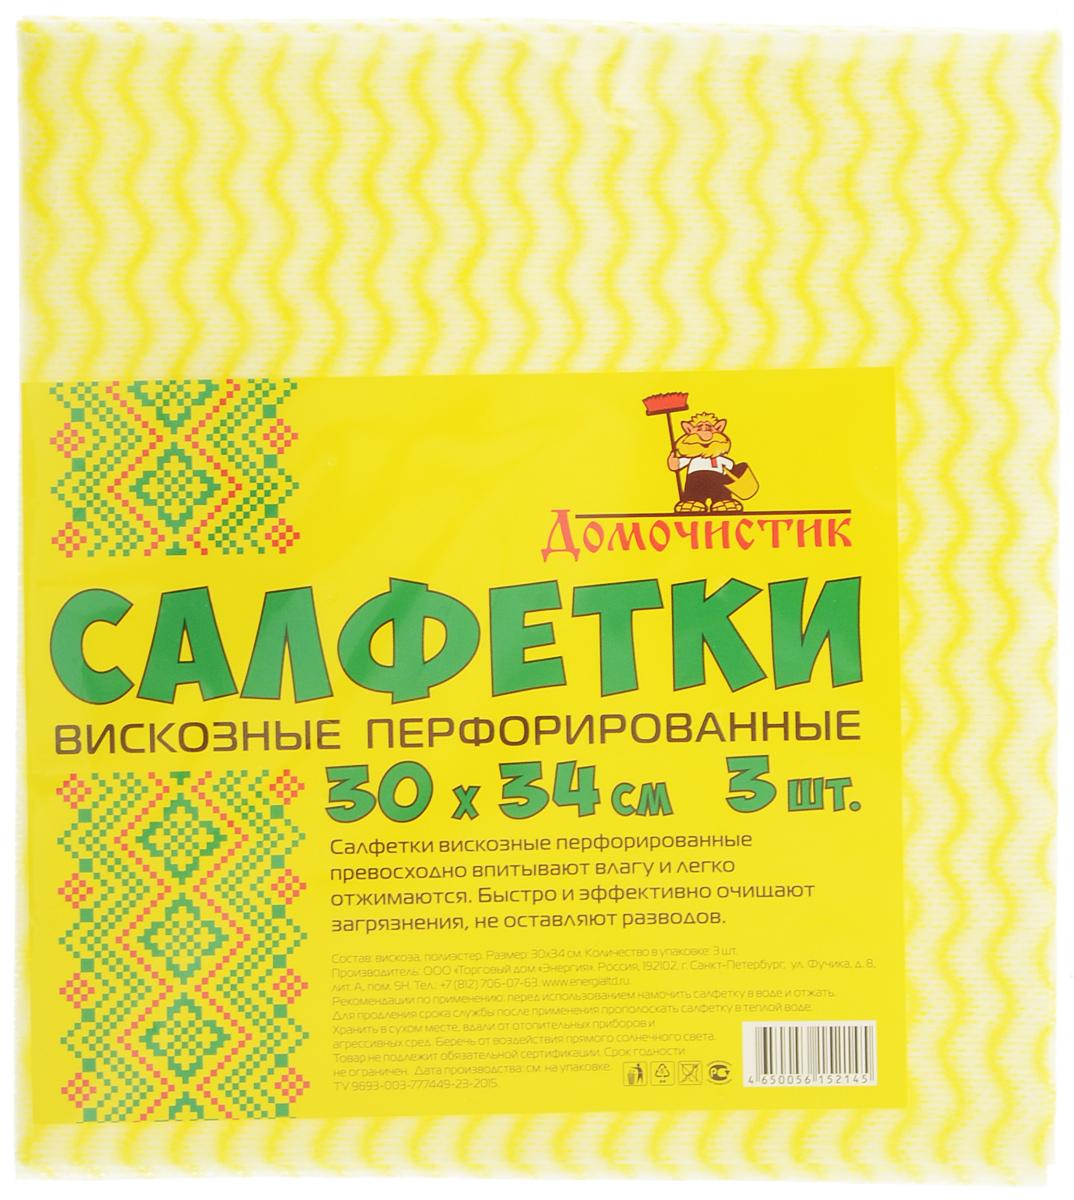 салфетки для уборки valiant салфетка для уборки 30 30 см оранжевая шт Салфетка для уборки Домочистик из вискозы, перфорированная, цвет в ассортименте, 30 x 34 см, 3 шт. 13006